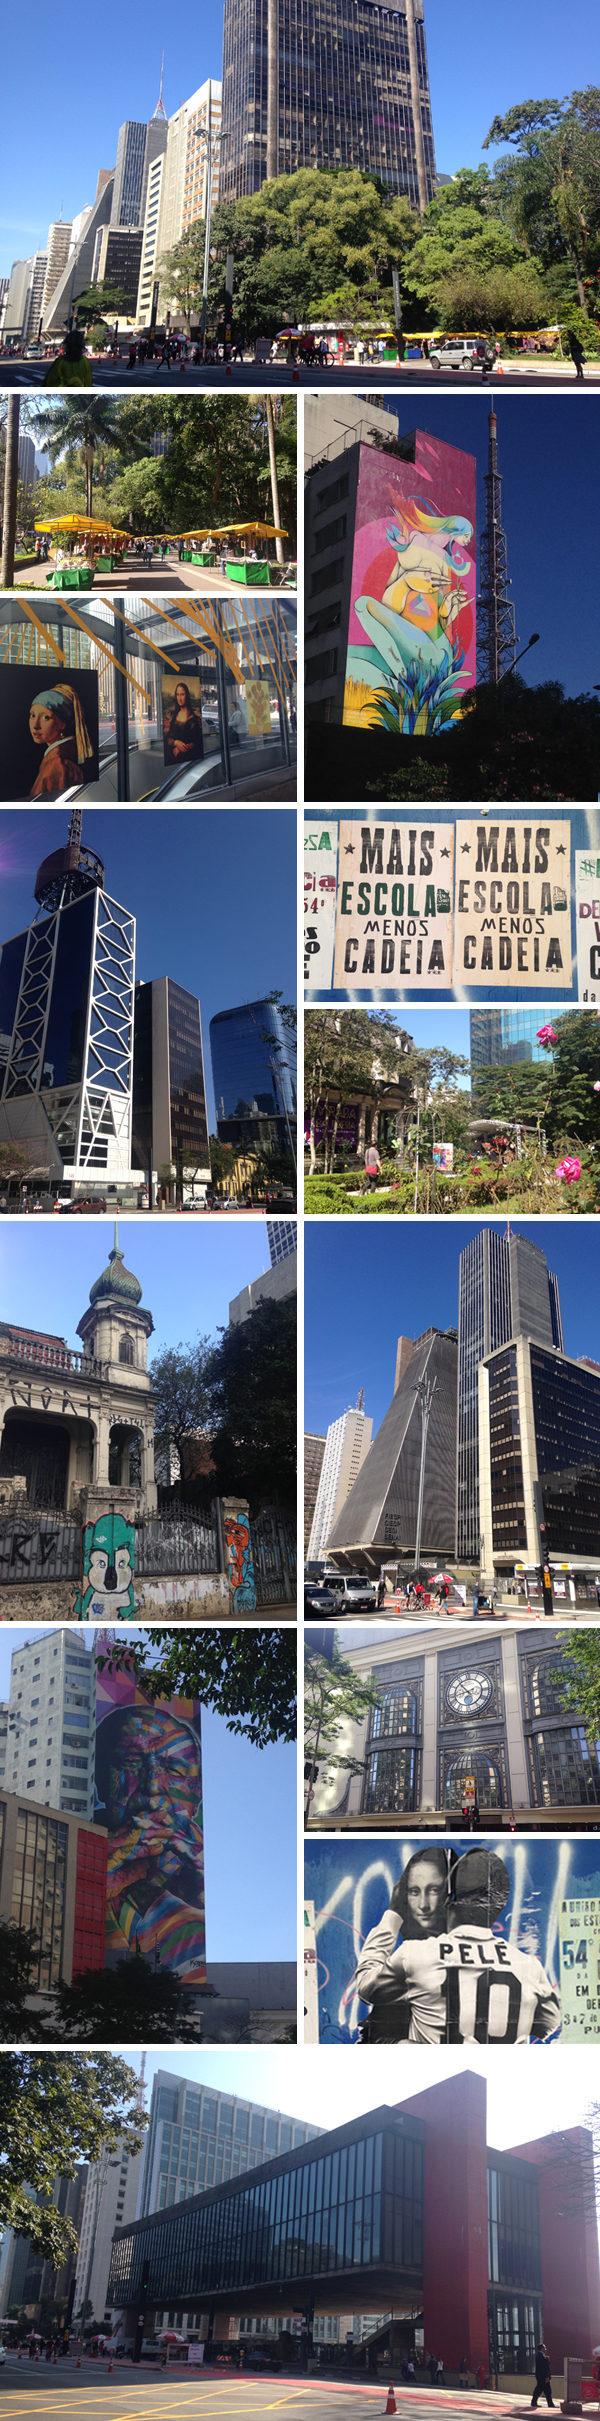 Primeira viagem pra São Paulo - Avenida Paulista